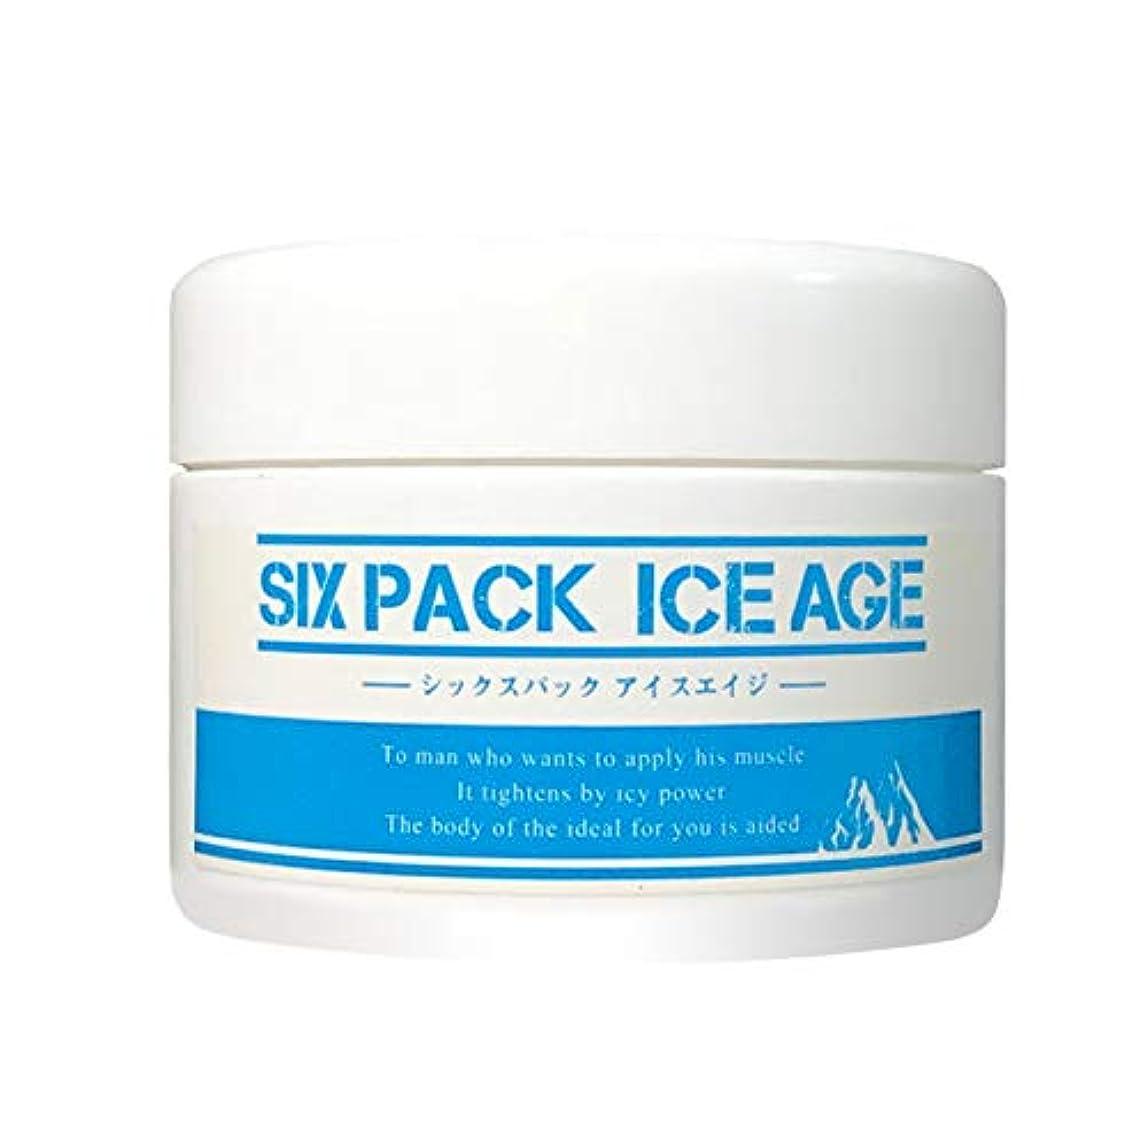 SIX PACK ICE AGE (シックスパックアイスエイジ) 冷却 マッサージクリーム (日本製) クール素材 シックスパックアイスエイジ (内容量200g)